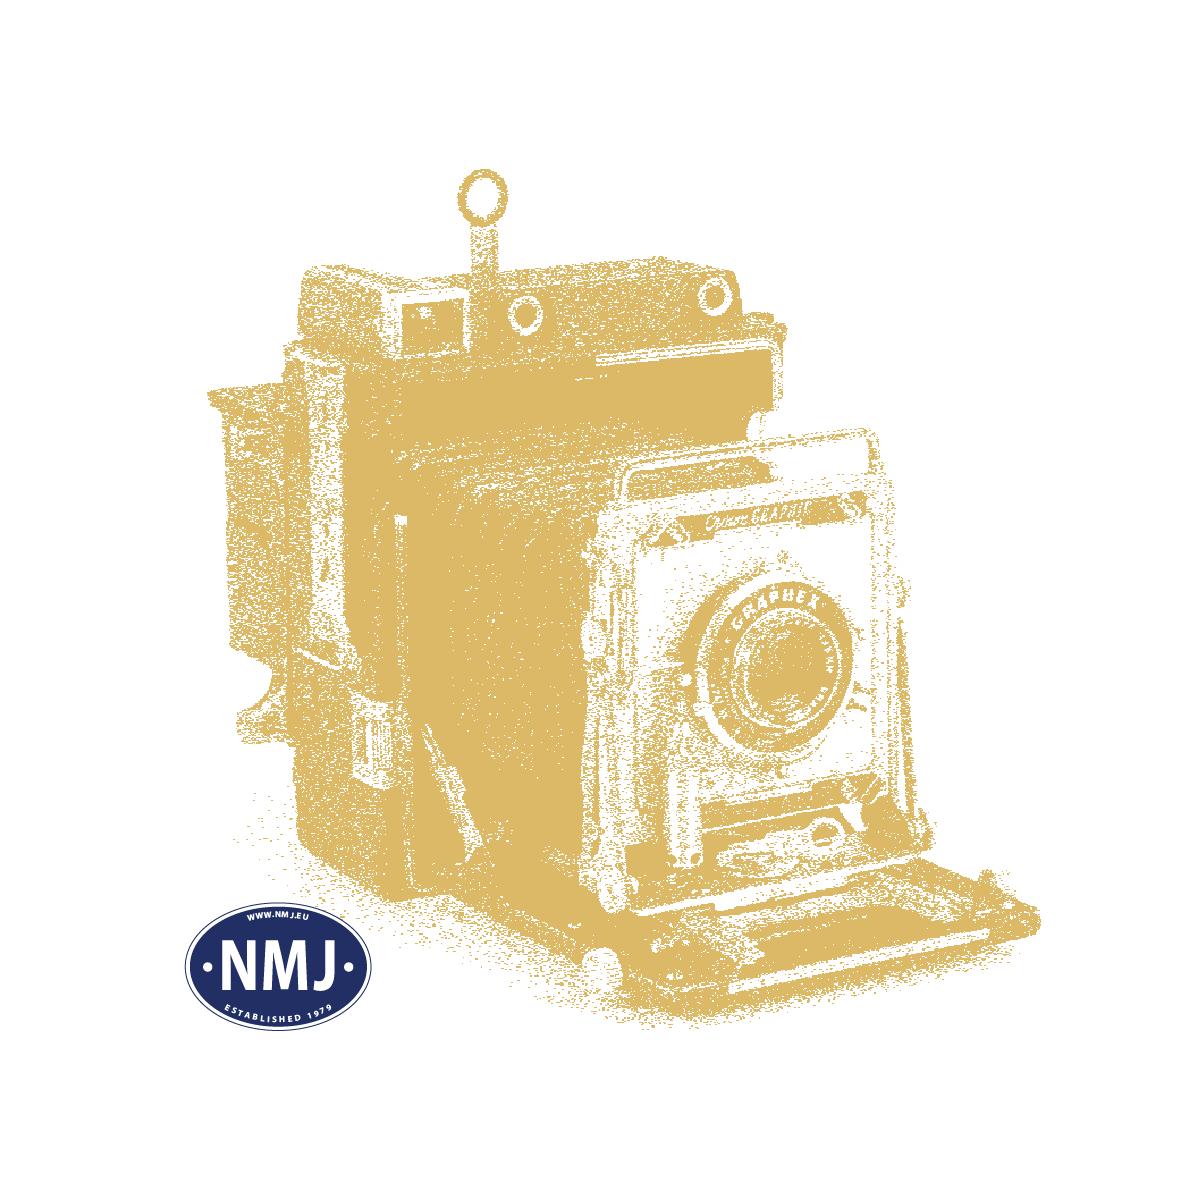 NMJH15107 - NMJ Skyline Modell der NSB Station Strømmen, 1980er Jahre, Fertigmodell